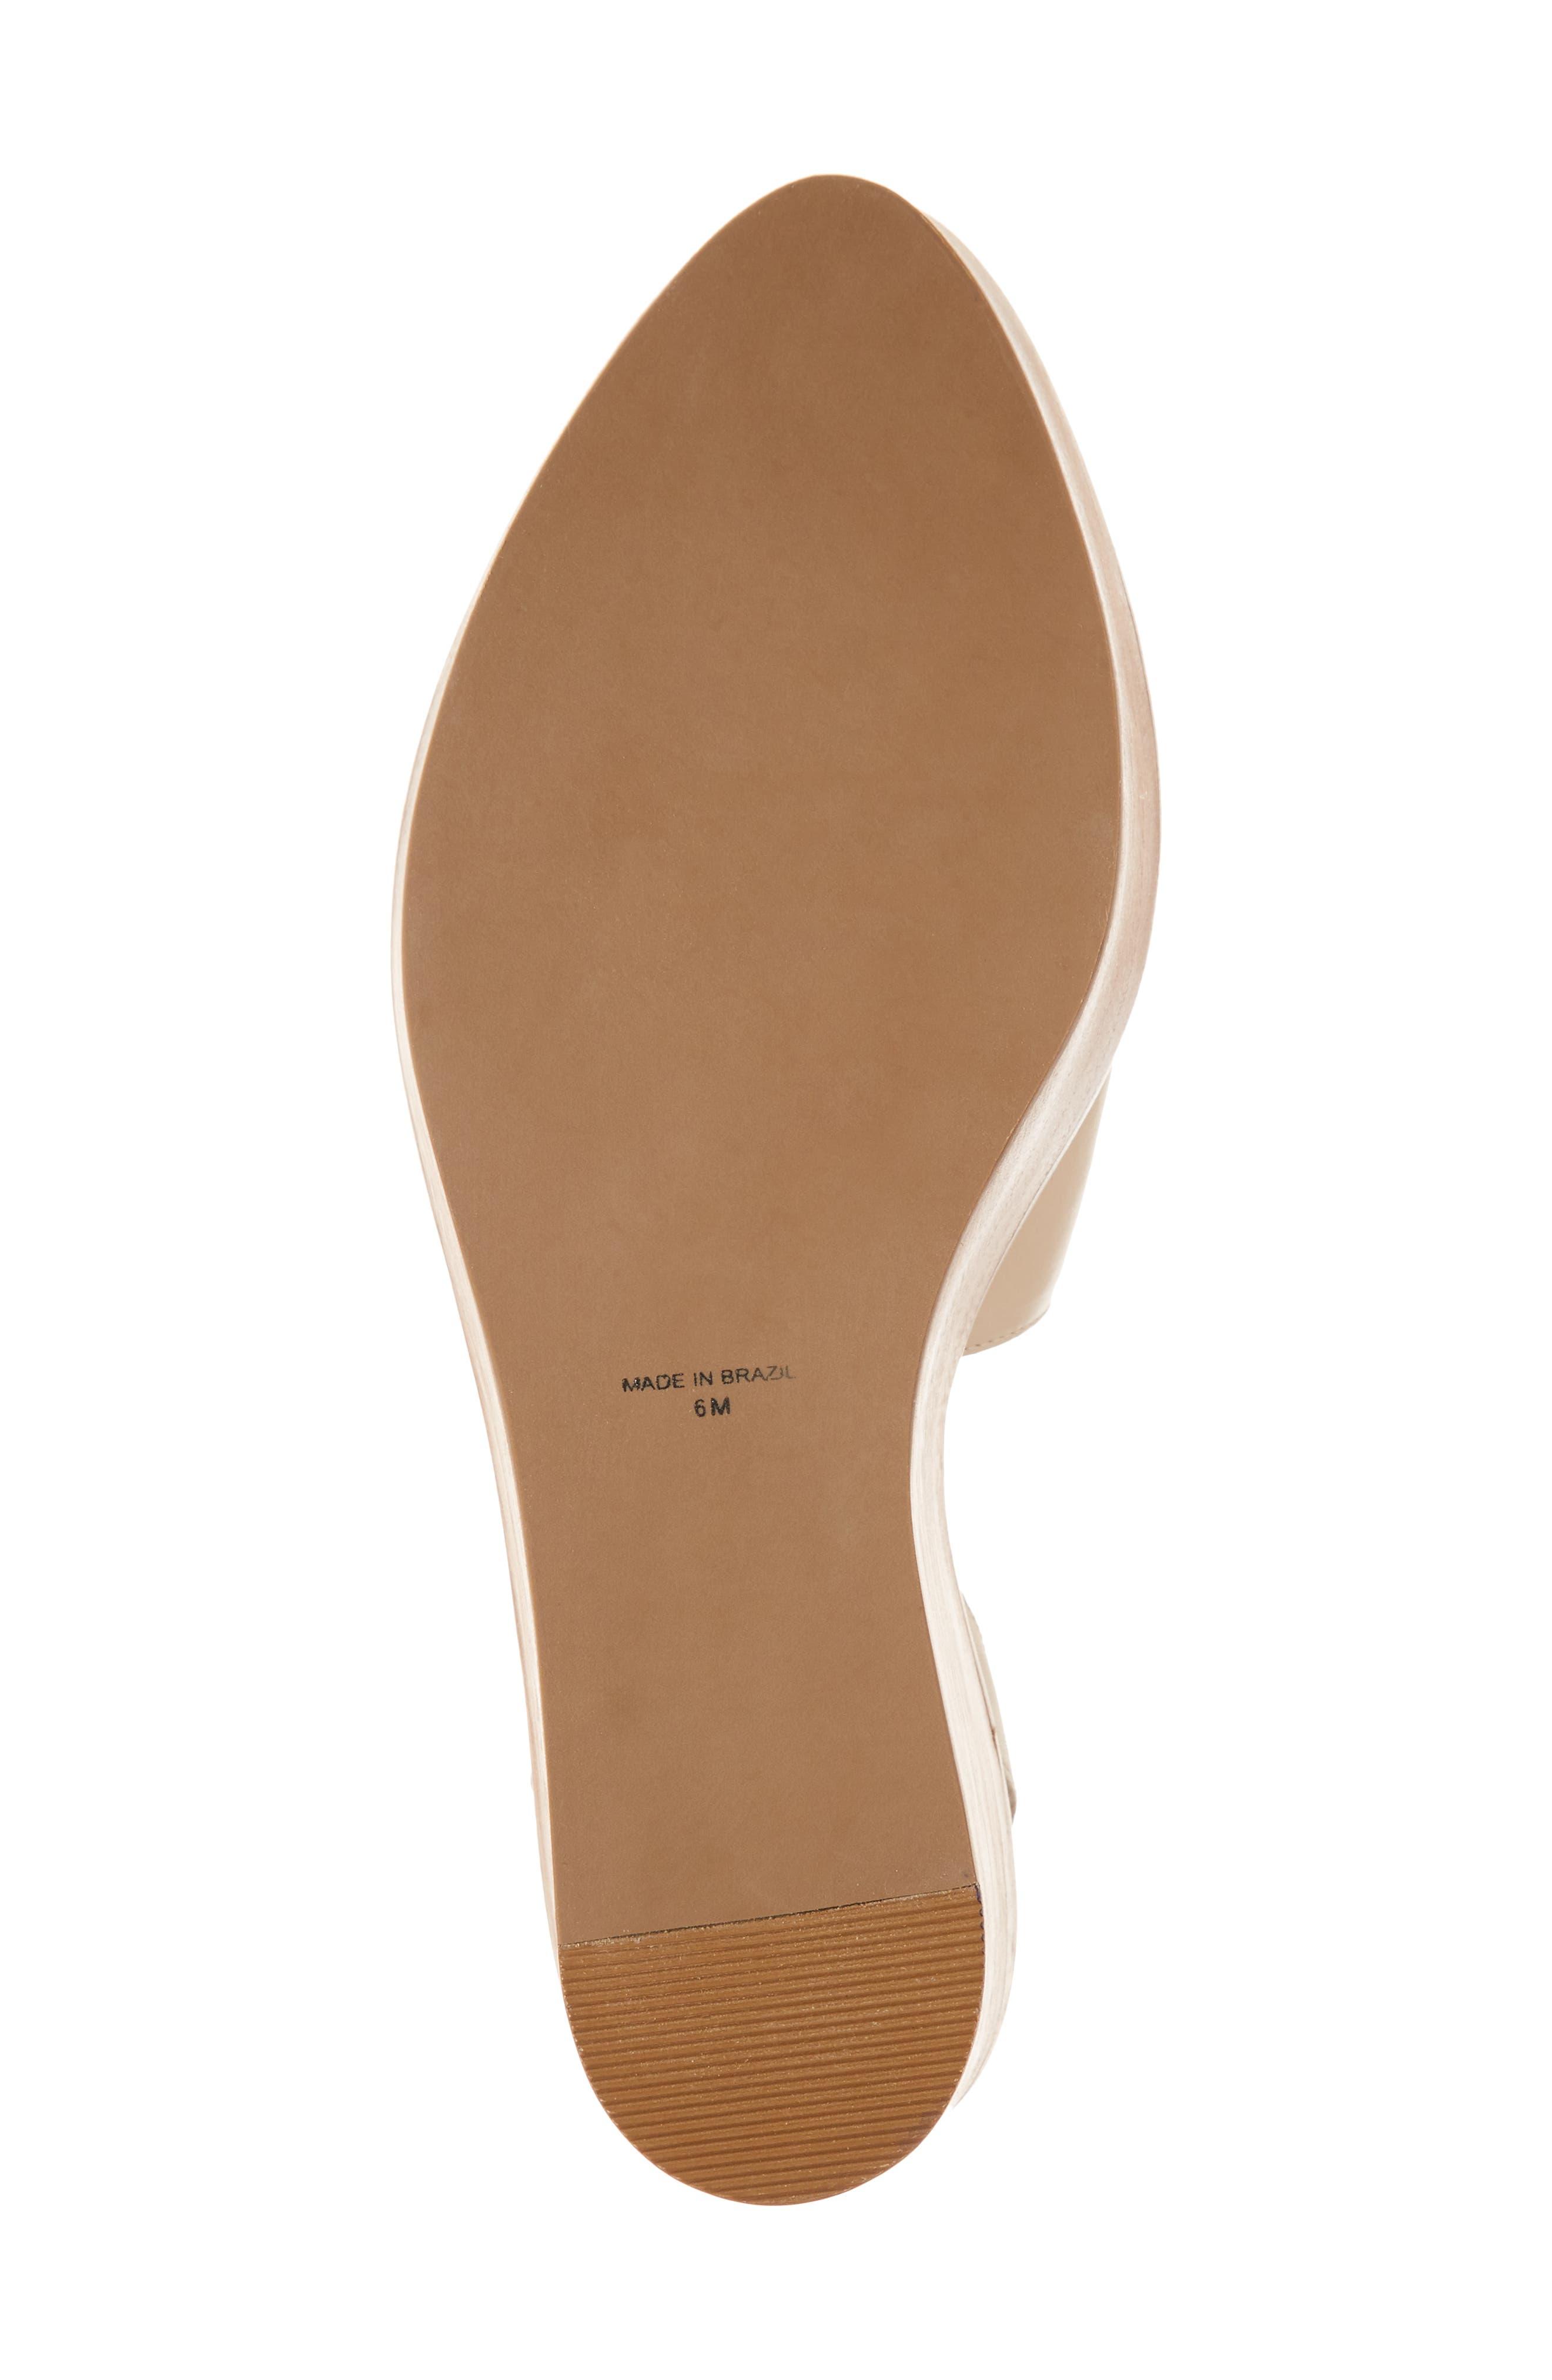 Eyals Slingback Platform Wedge Sandal,                             Alternate thumbnail 6, color,                             Natural Leather